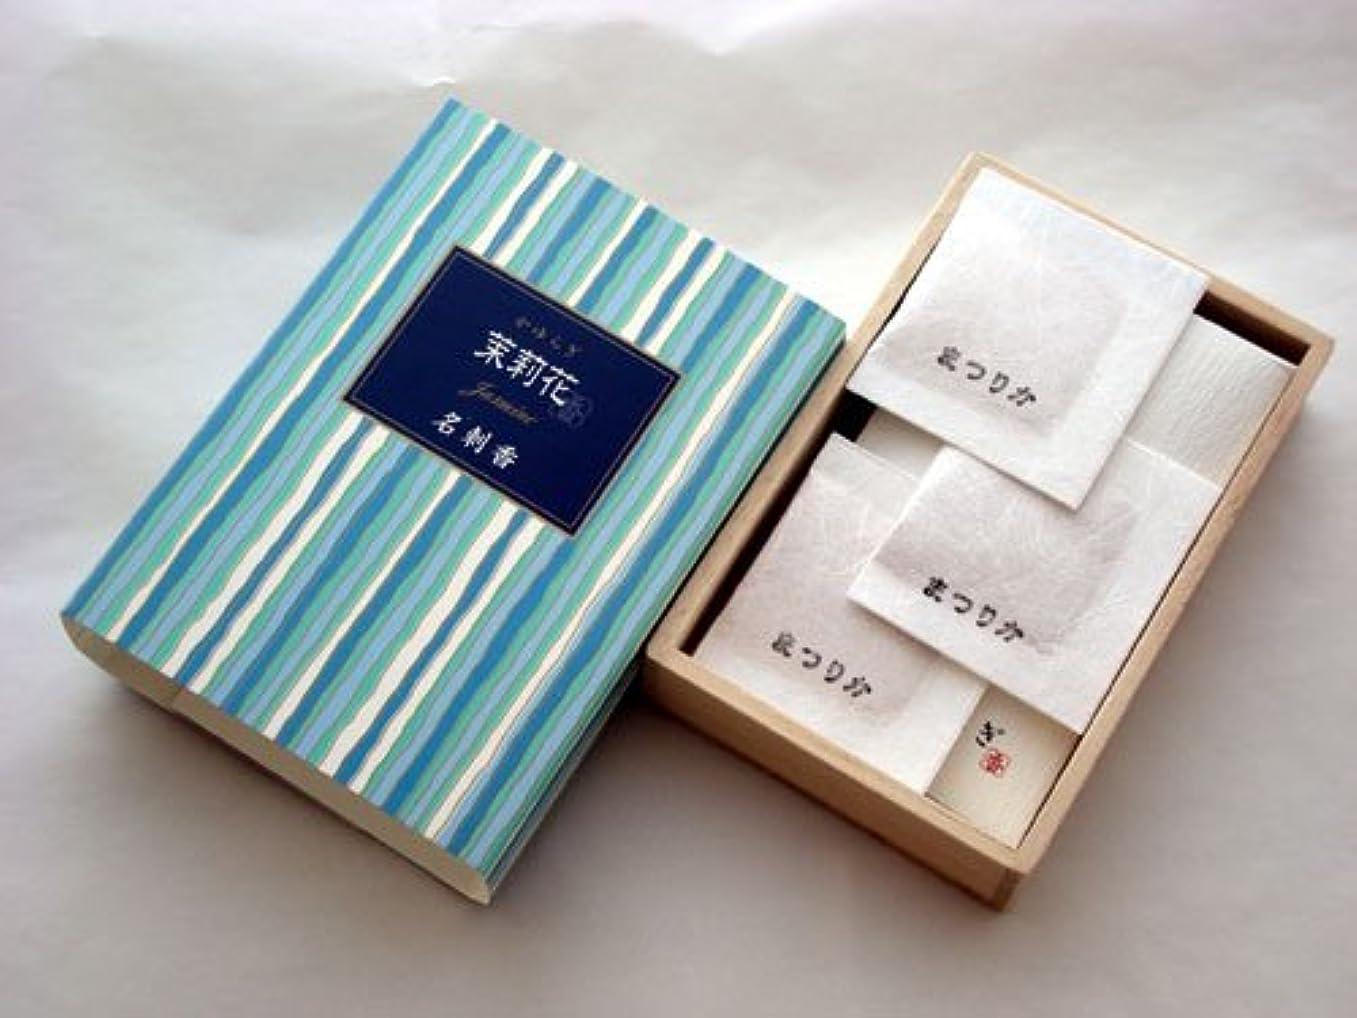 ナチュラ娘ダイエットかゆらぎ 茉莉花(まつりか) 名刺香 桐箱6入